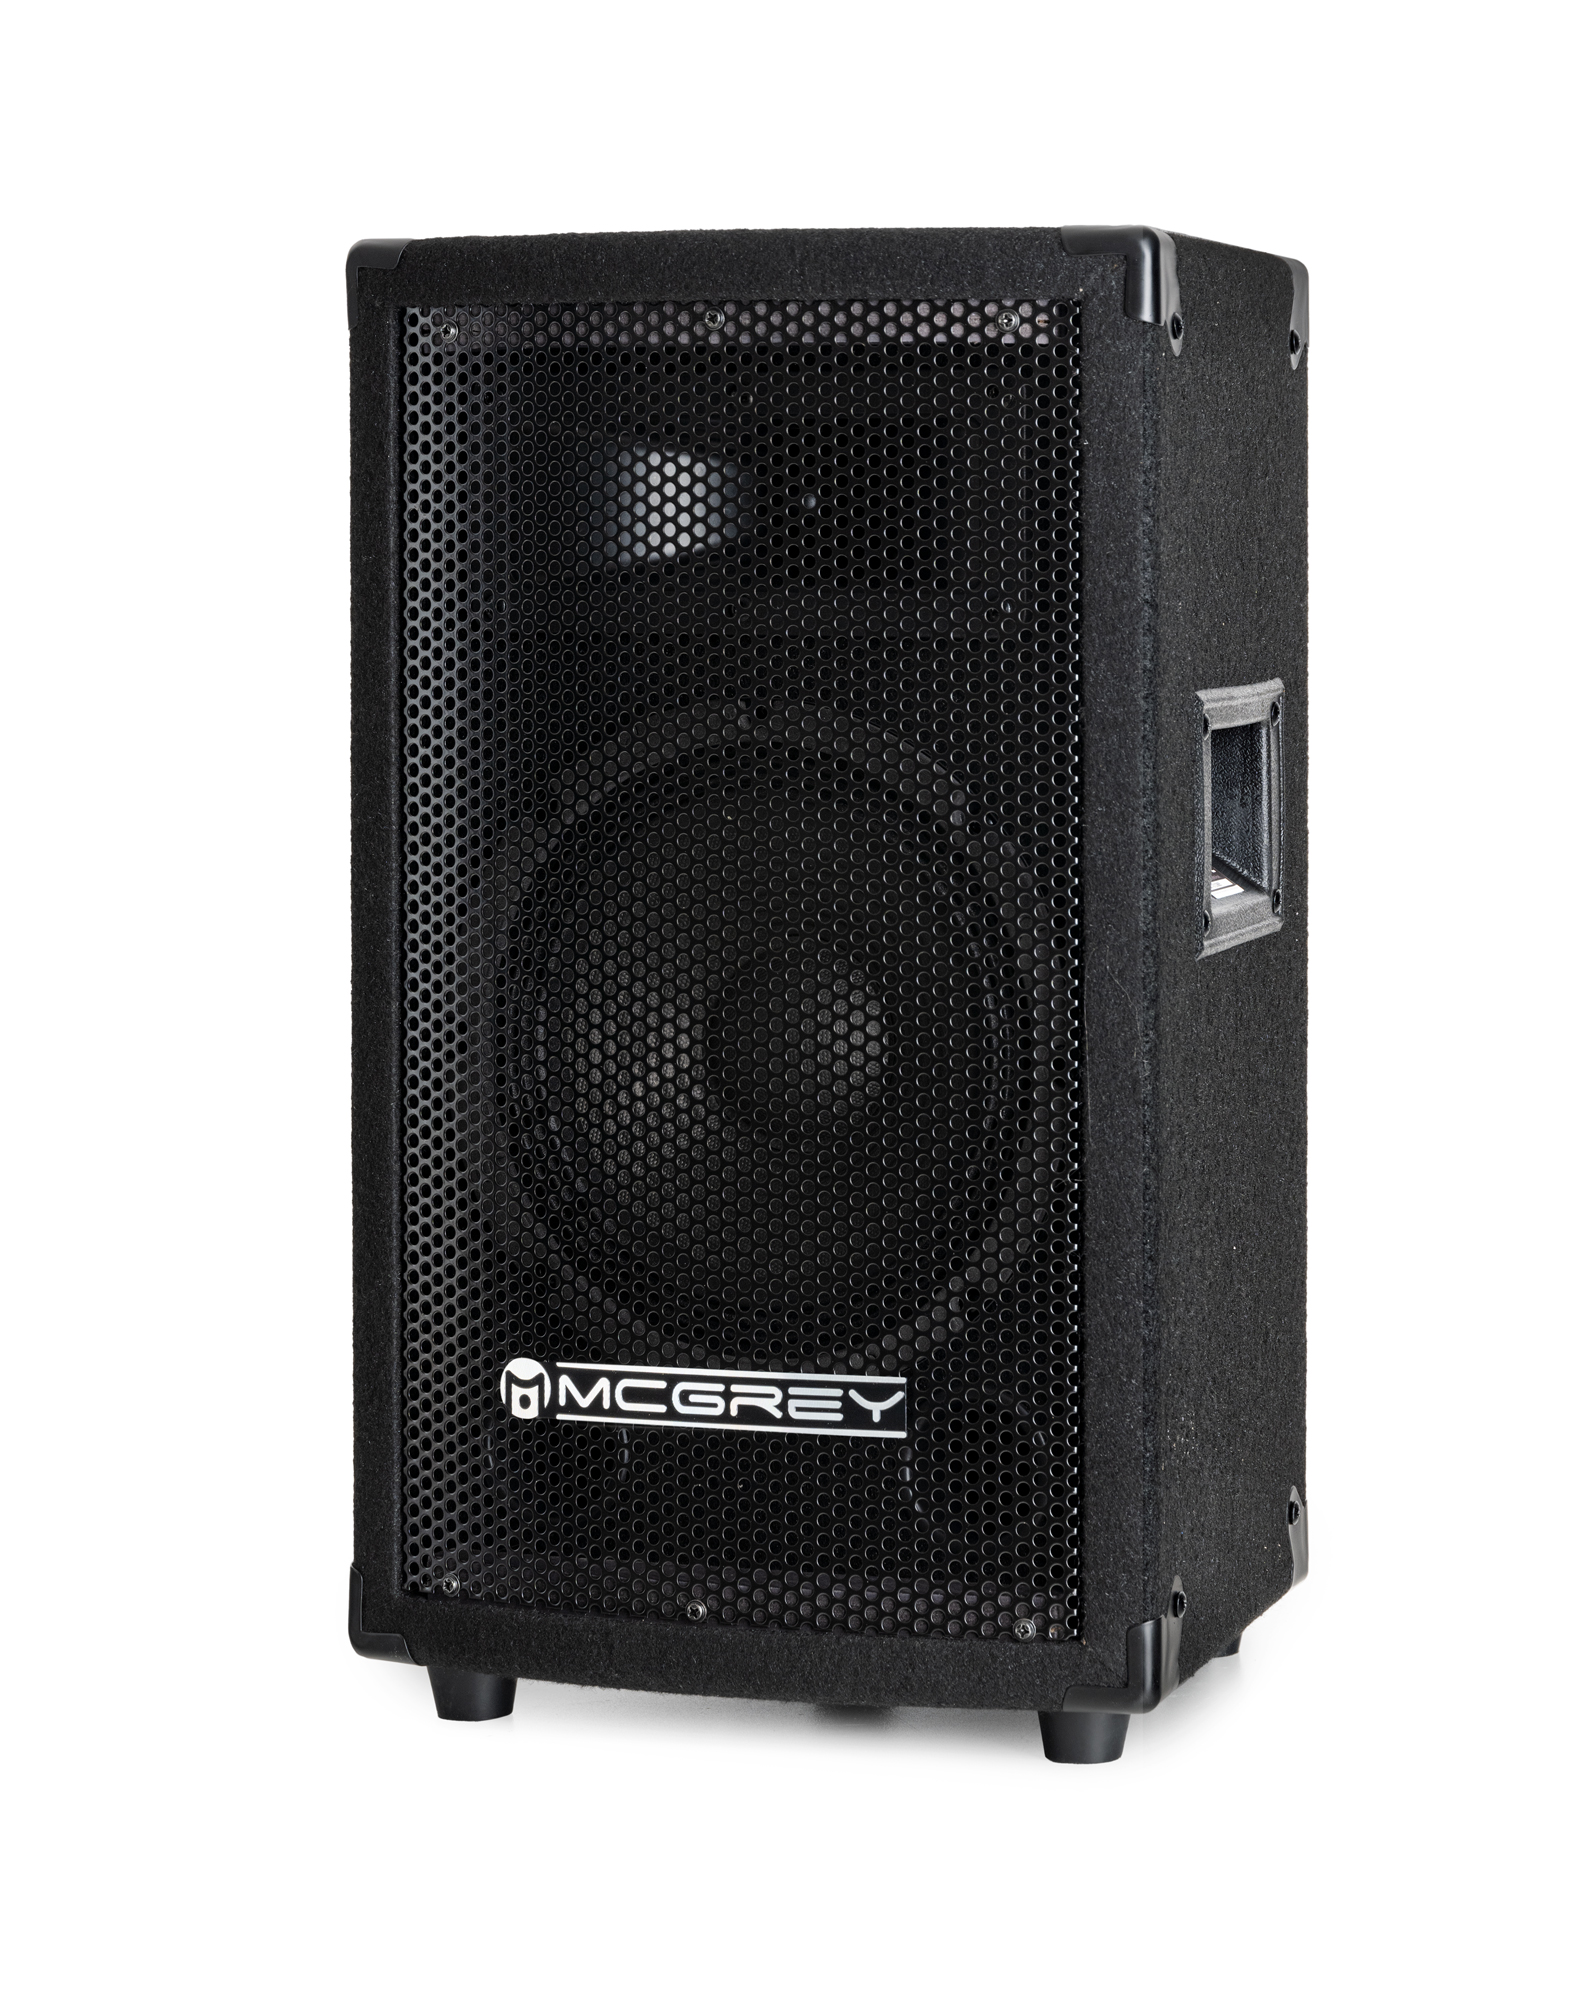 McGrey TP 8 DJ und Partybox 300 W Retoure (Zustand gut)